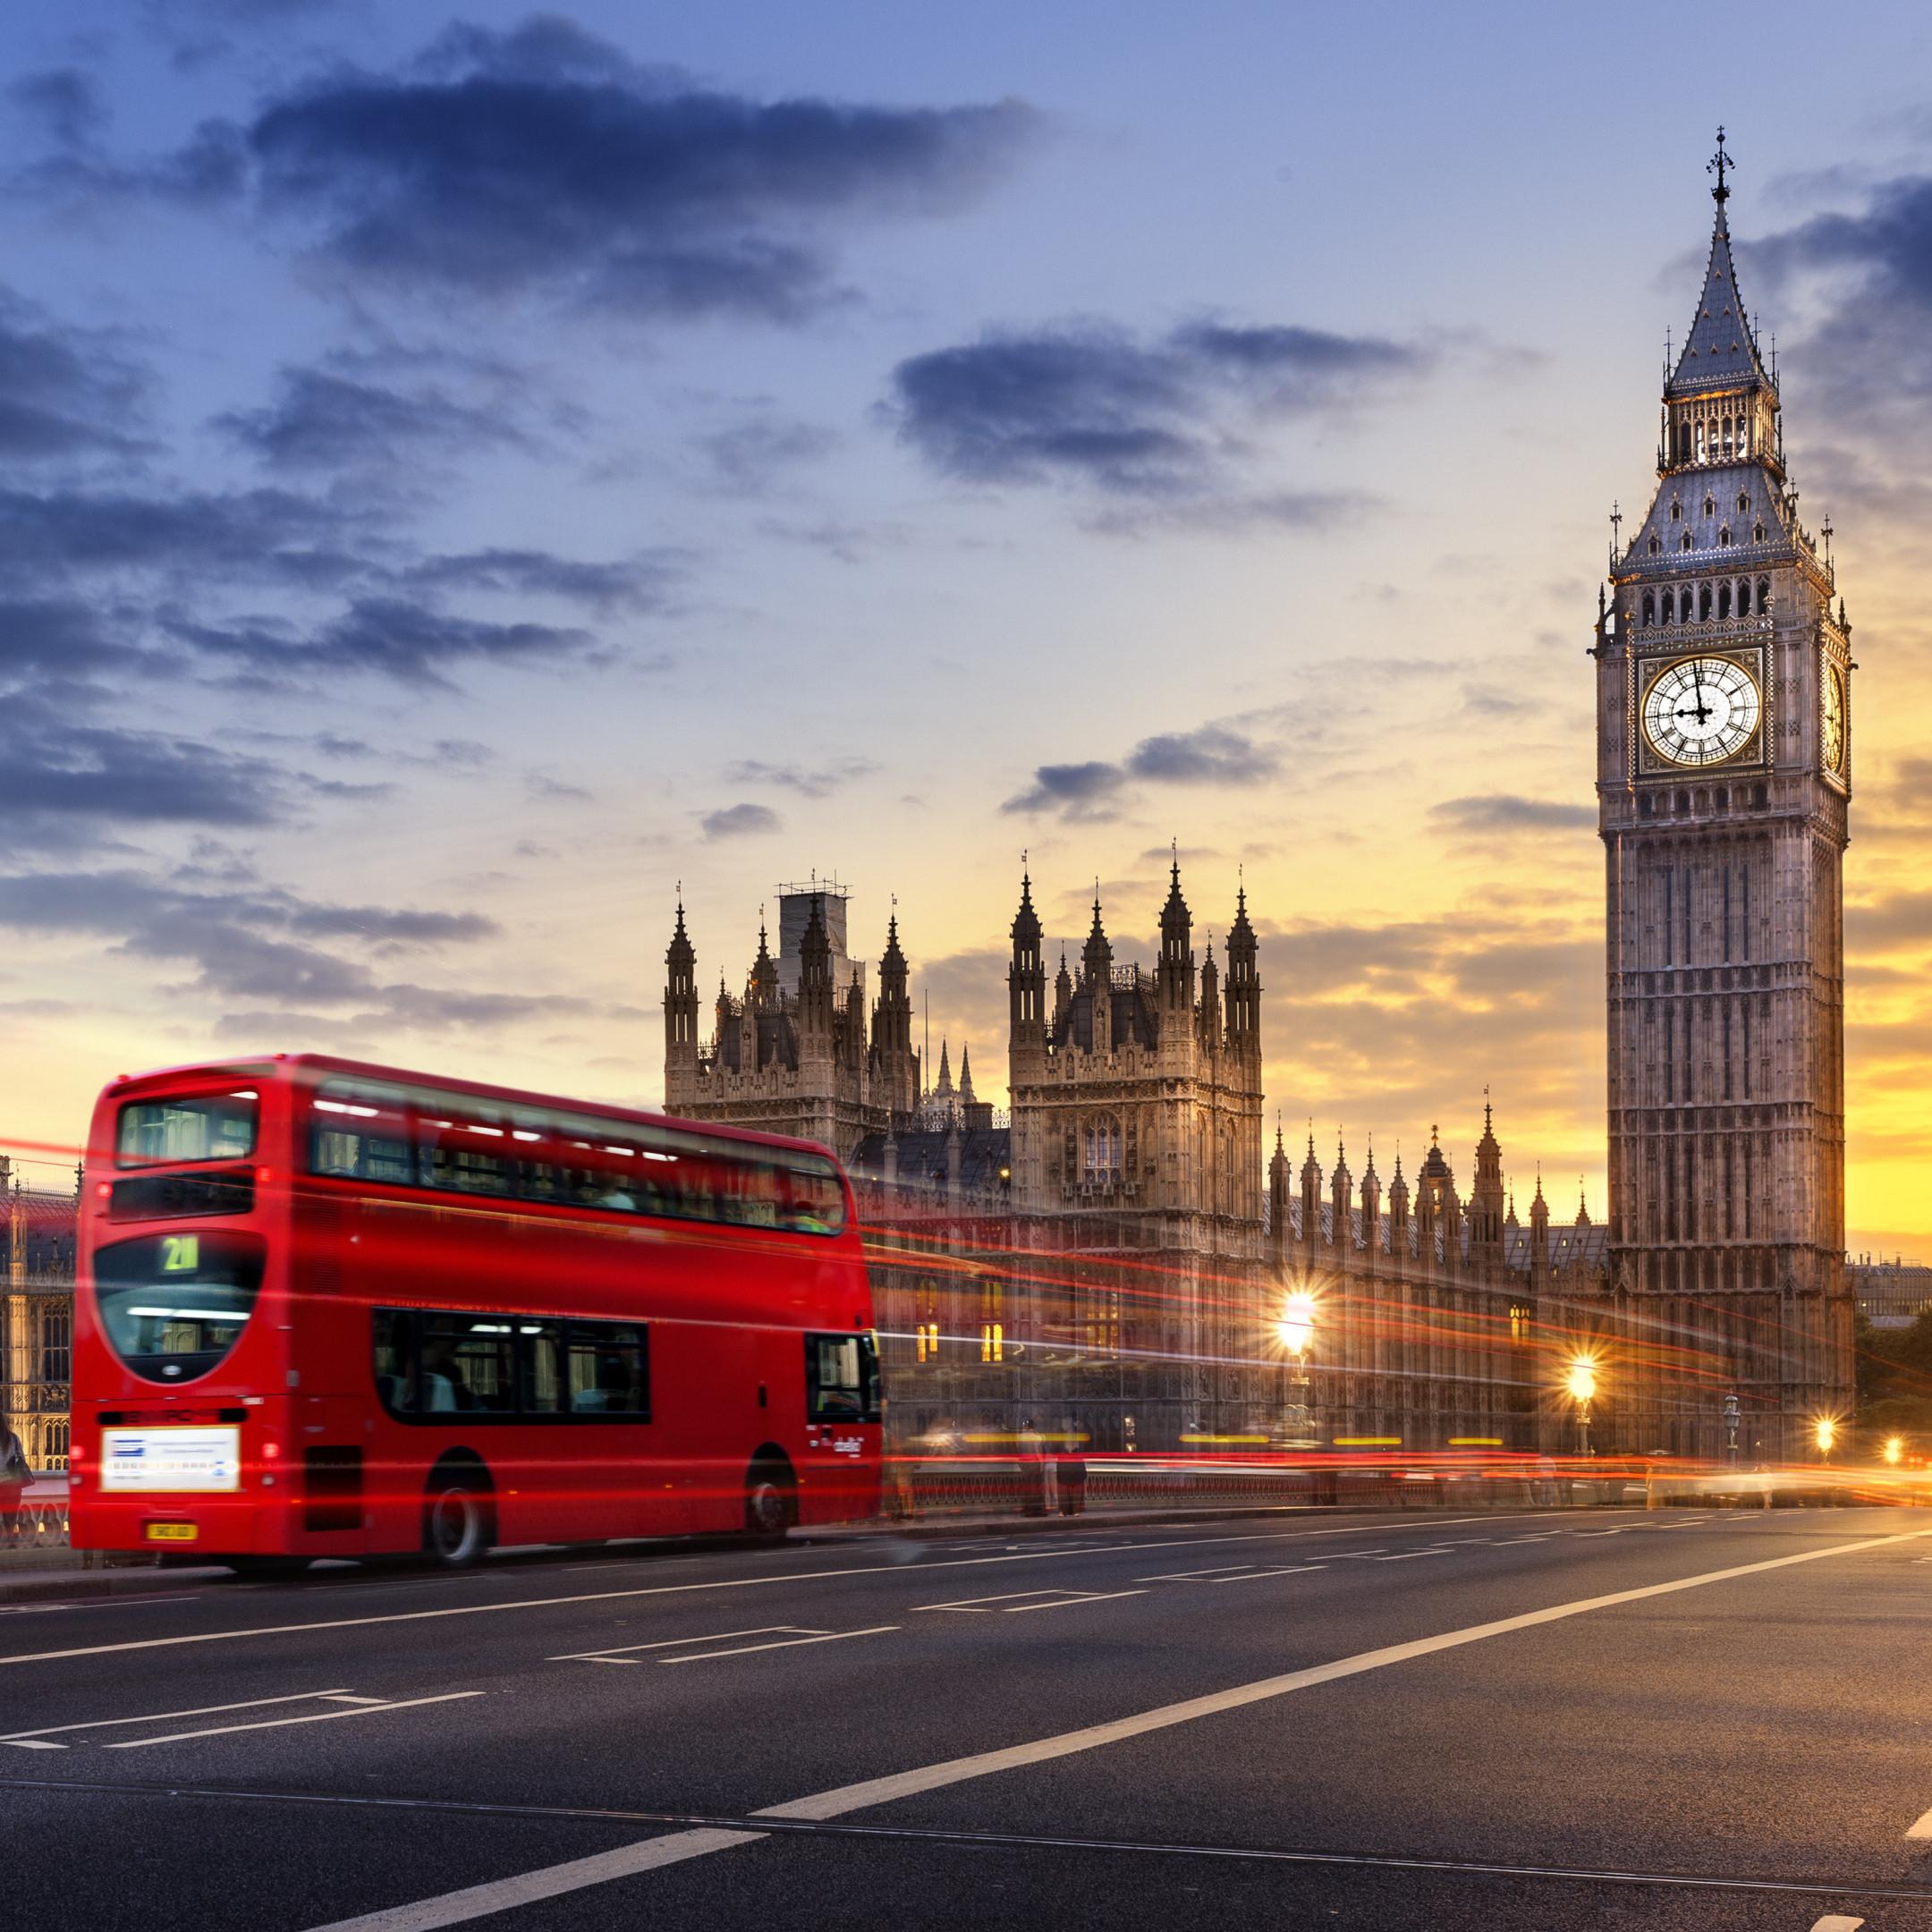 Flüge nach London im Sommer von Weeze, Köln, Dortmund, Bremen, Karlsruhe, Berlin, Frankfurt, Hamburg uvm. (August - September) ab 15,98€